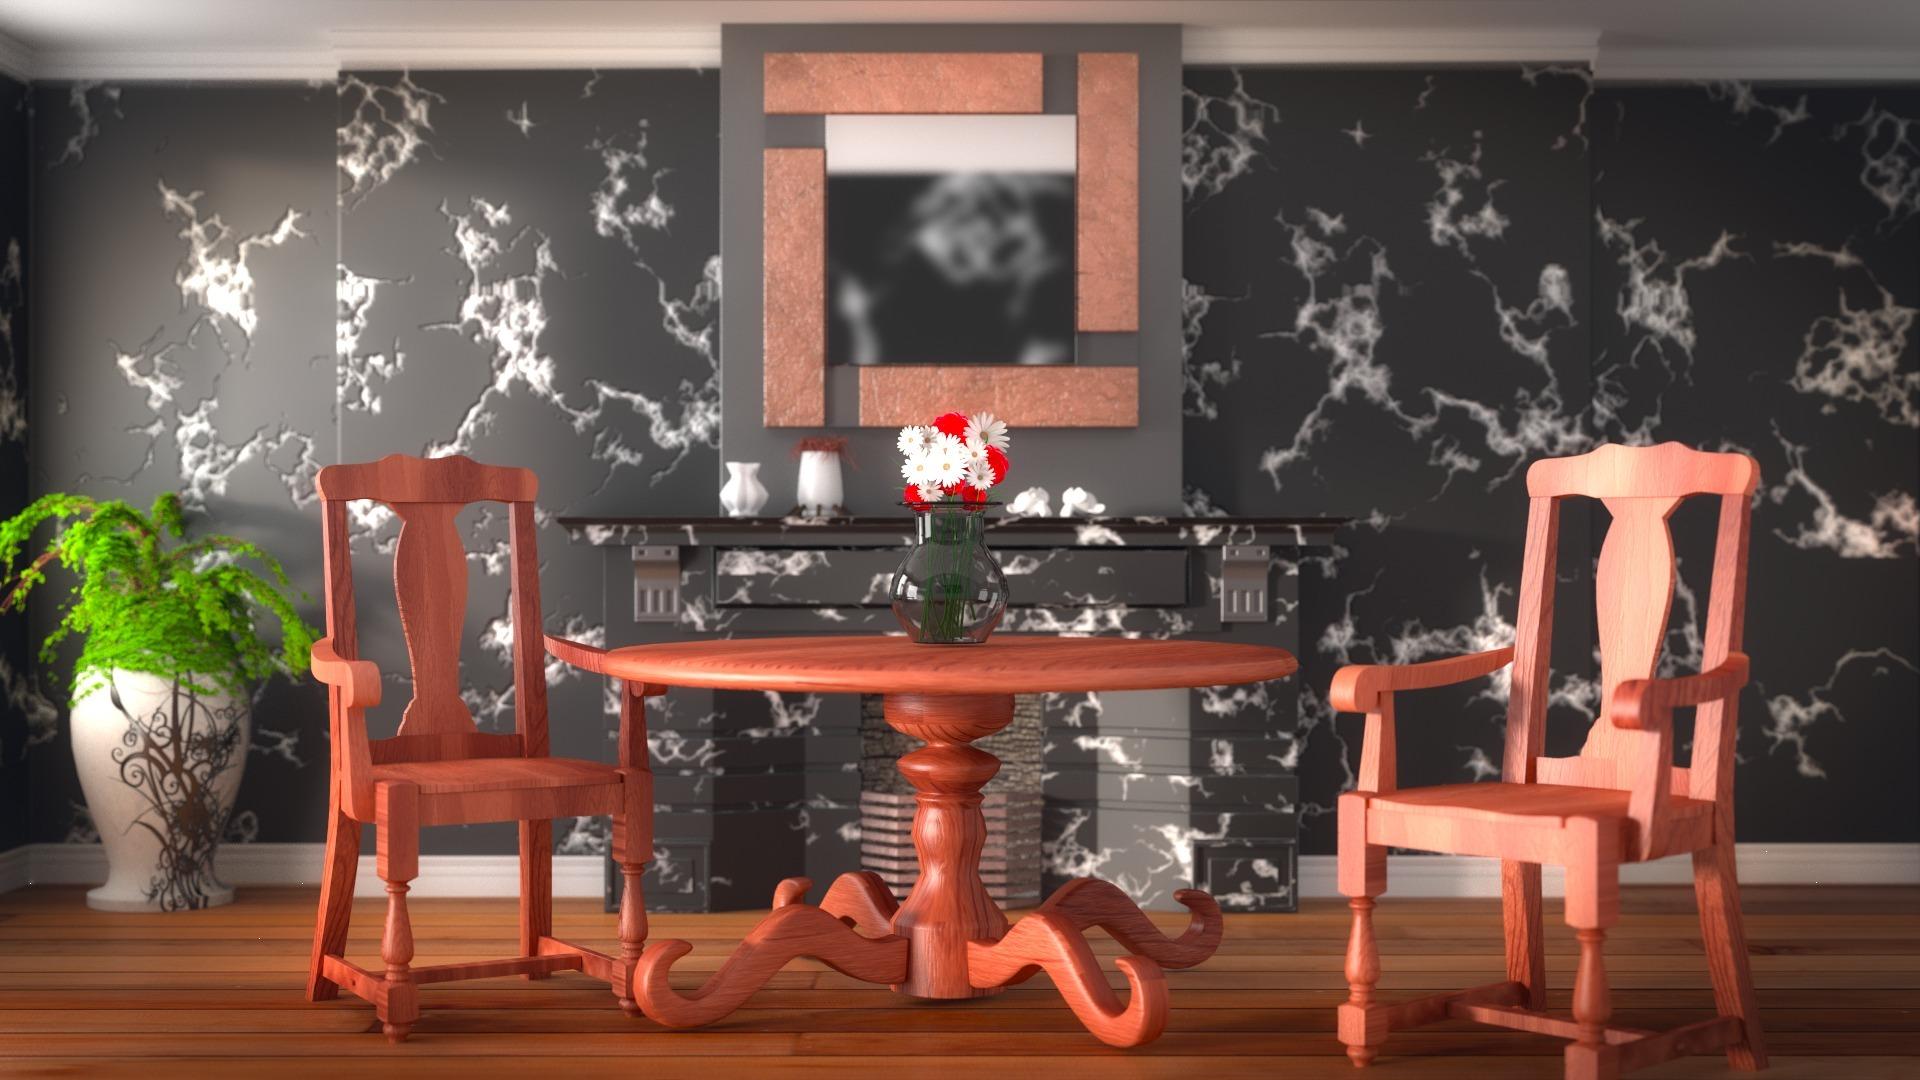 flower vase on table wallpaper background